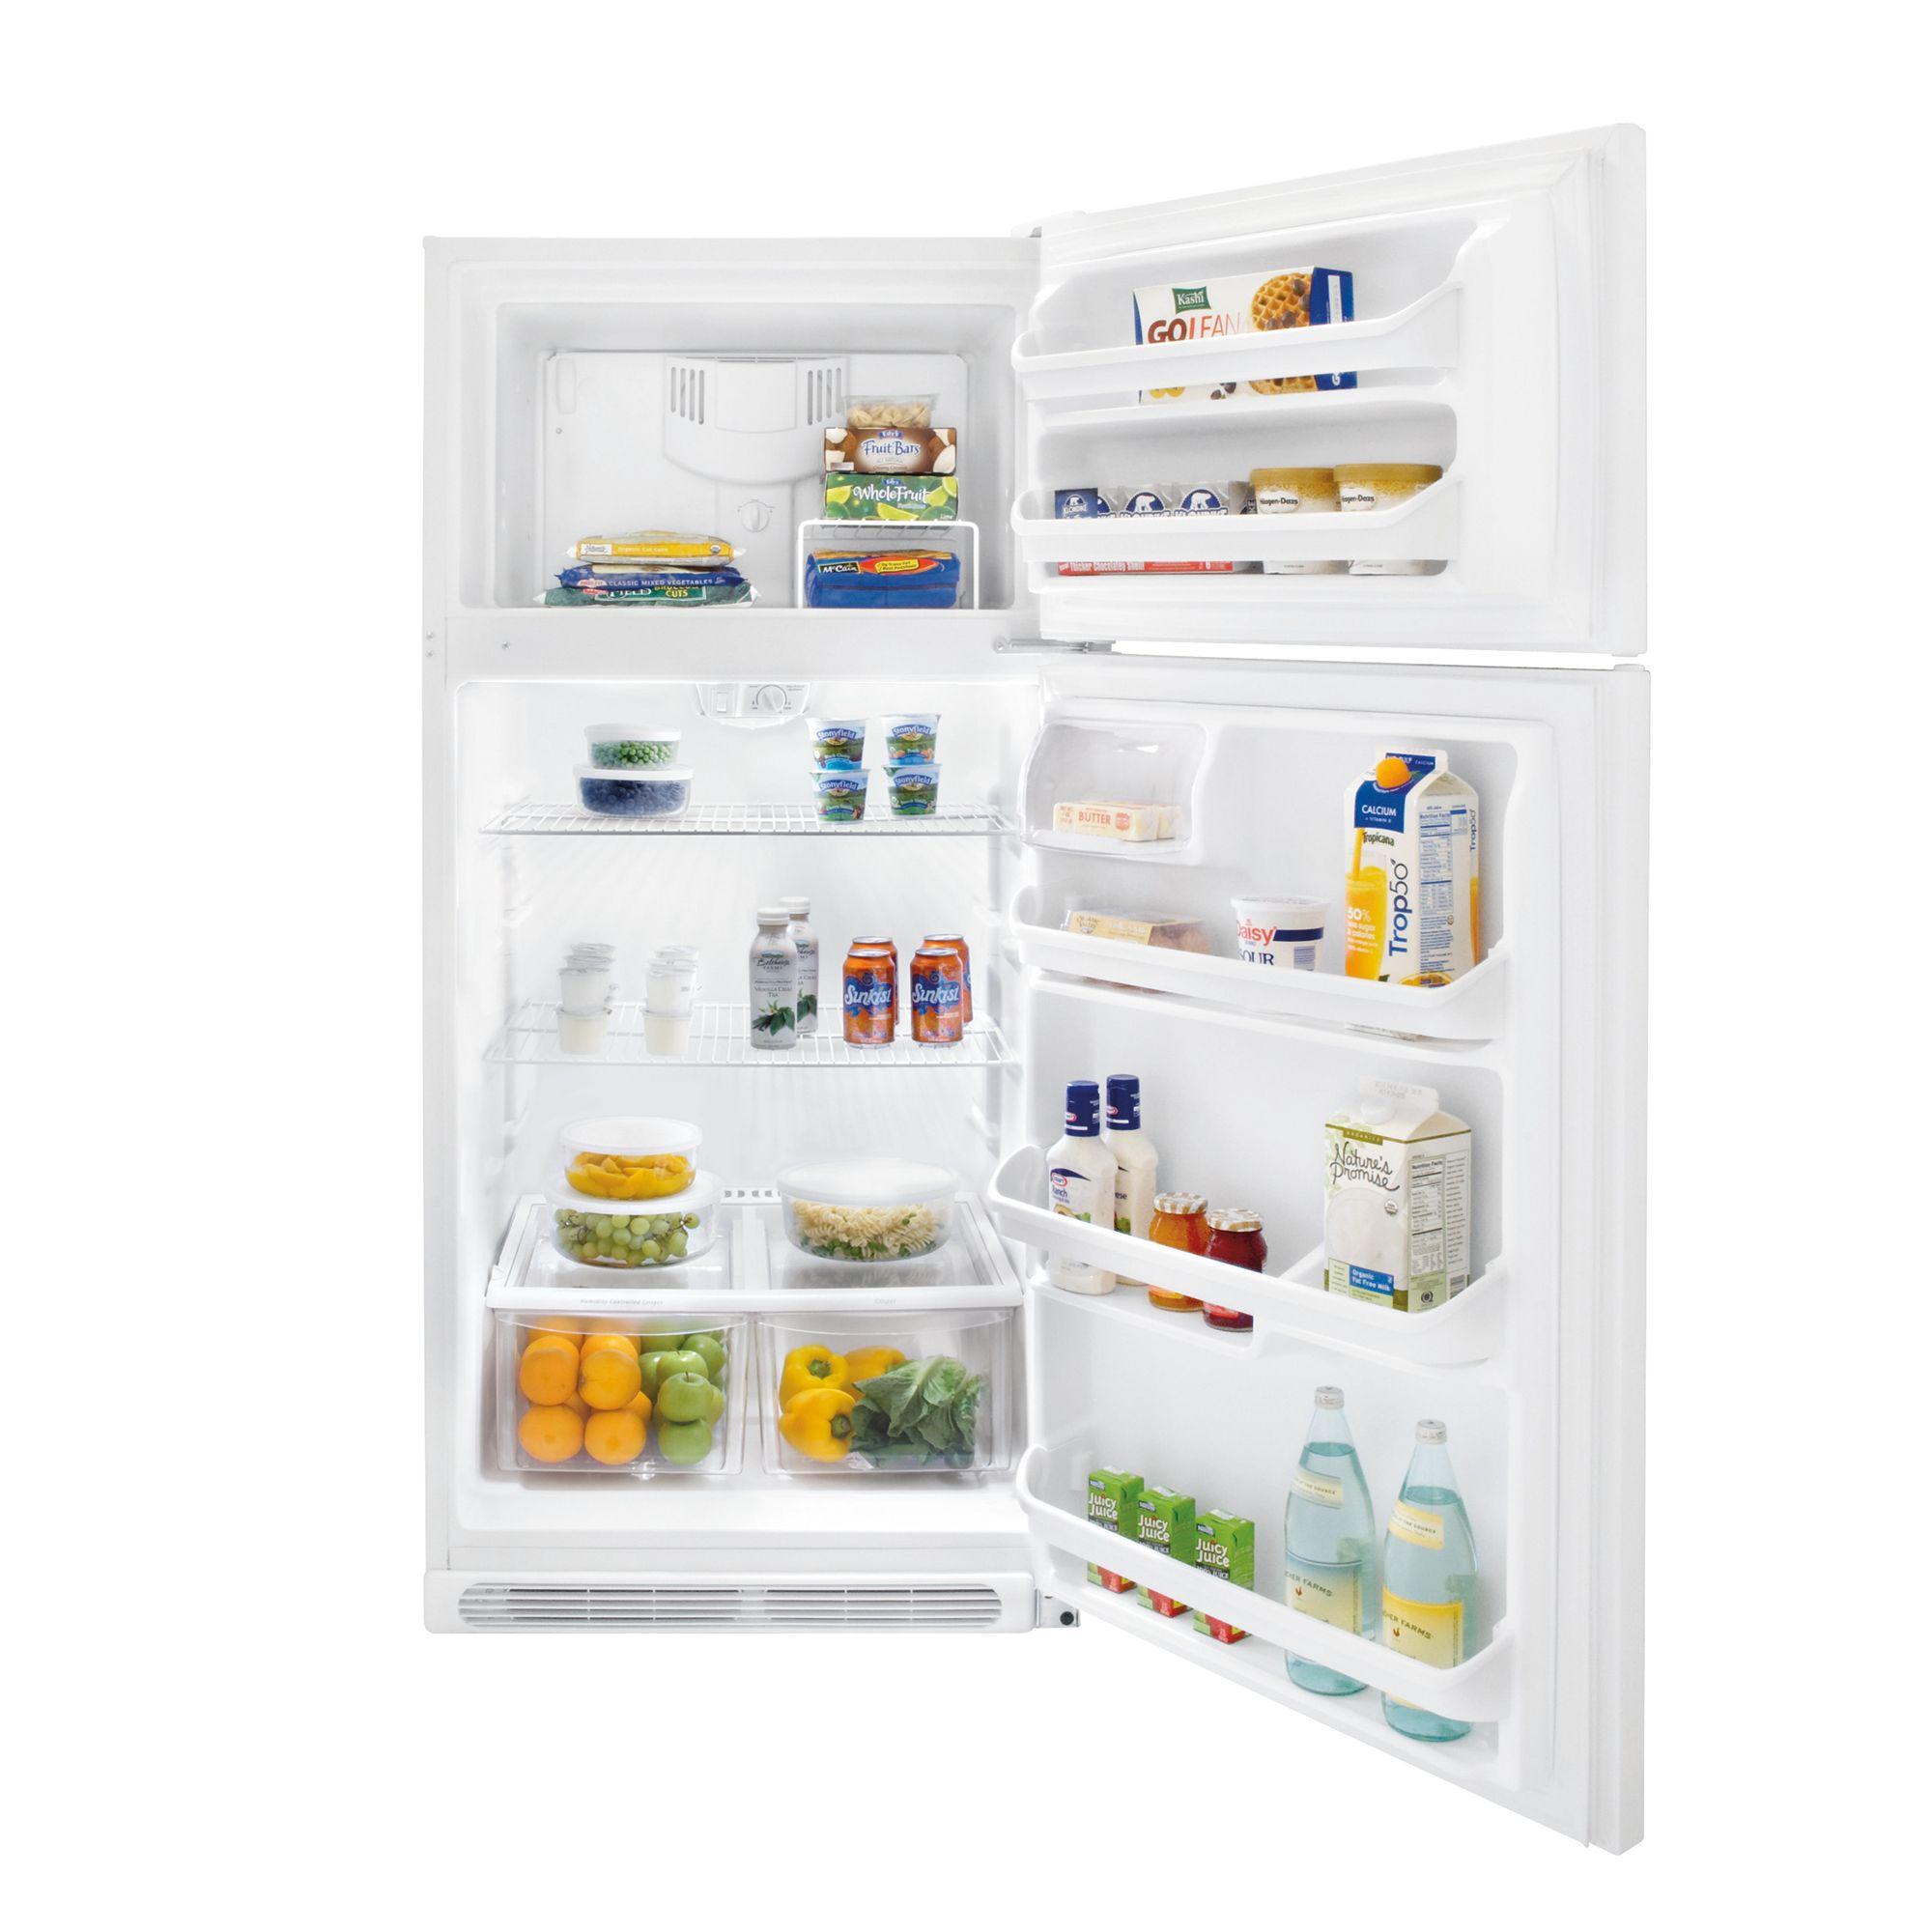 Frigidaire 18.2 cu. ft. Top-Freezer Refrigerator